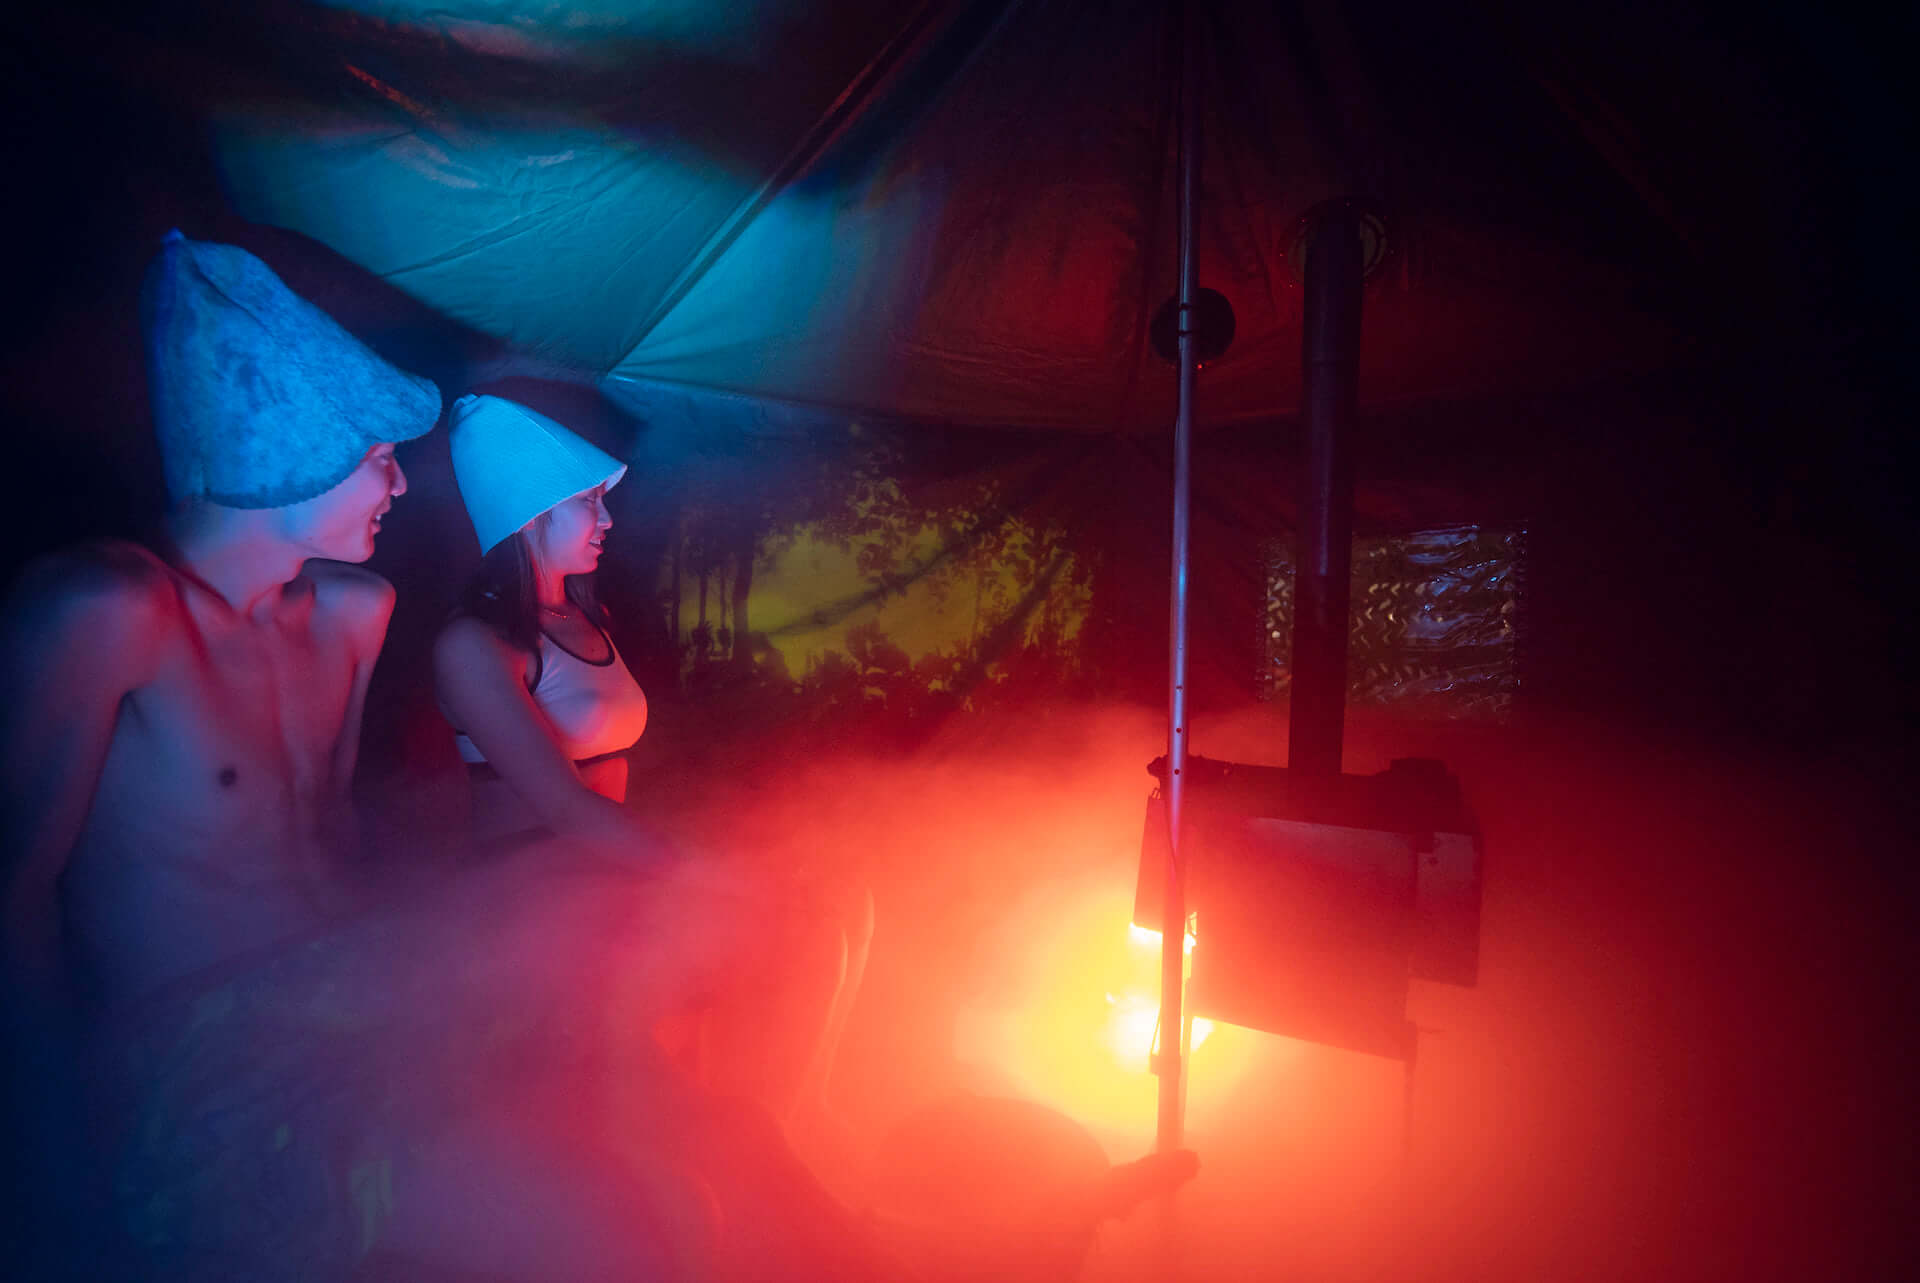 """五感で""""ととのう""""アートサウナ体験を!デートにもおすすめなテントサウナイベントが東京・有明にて開催中 lf201218_naked-sauna_1-1920x1283"""